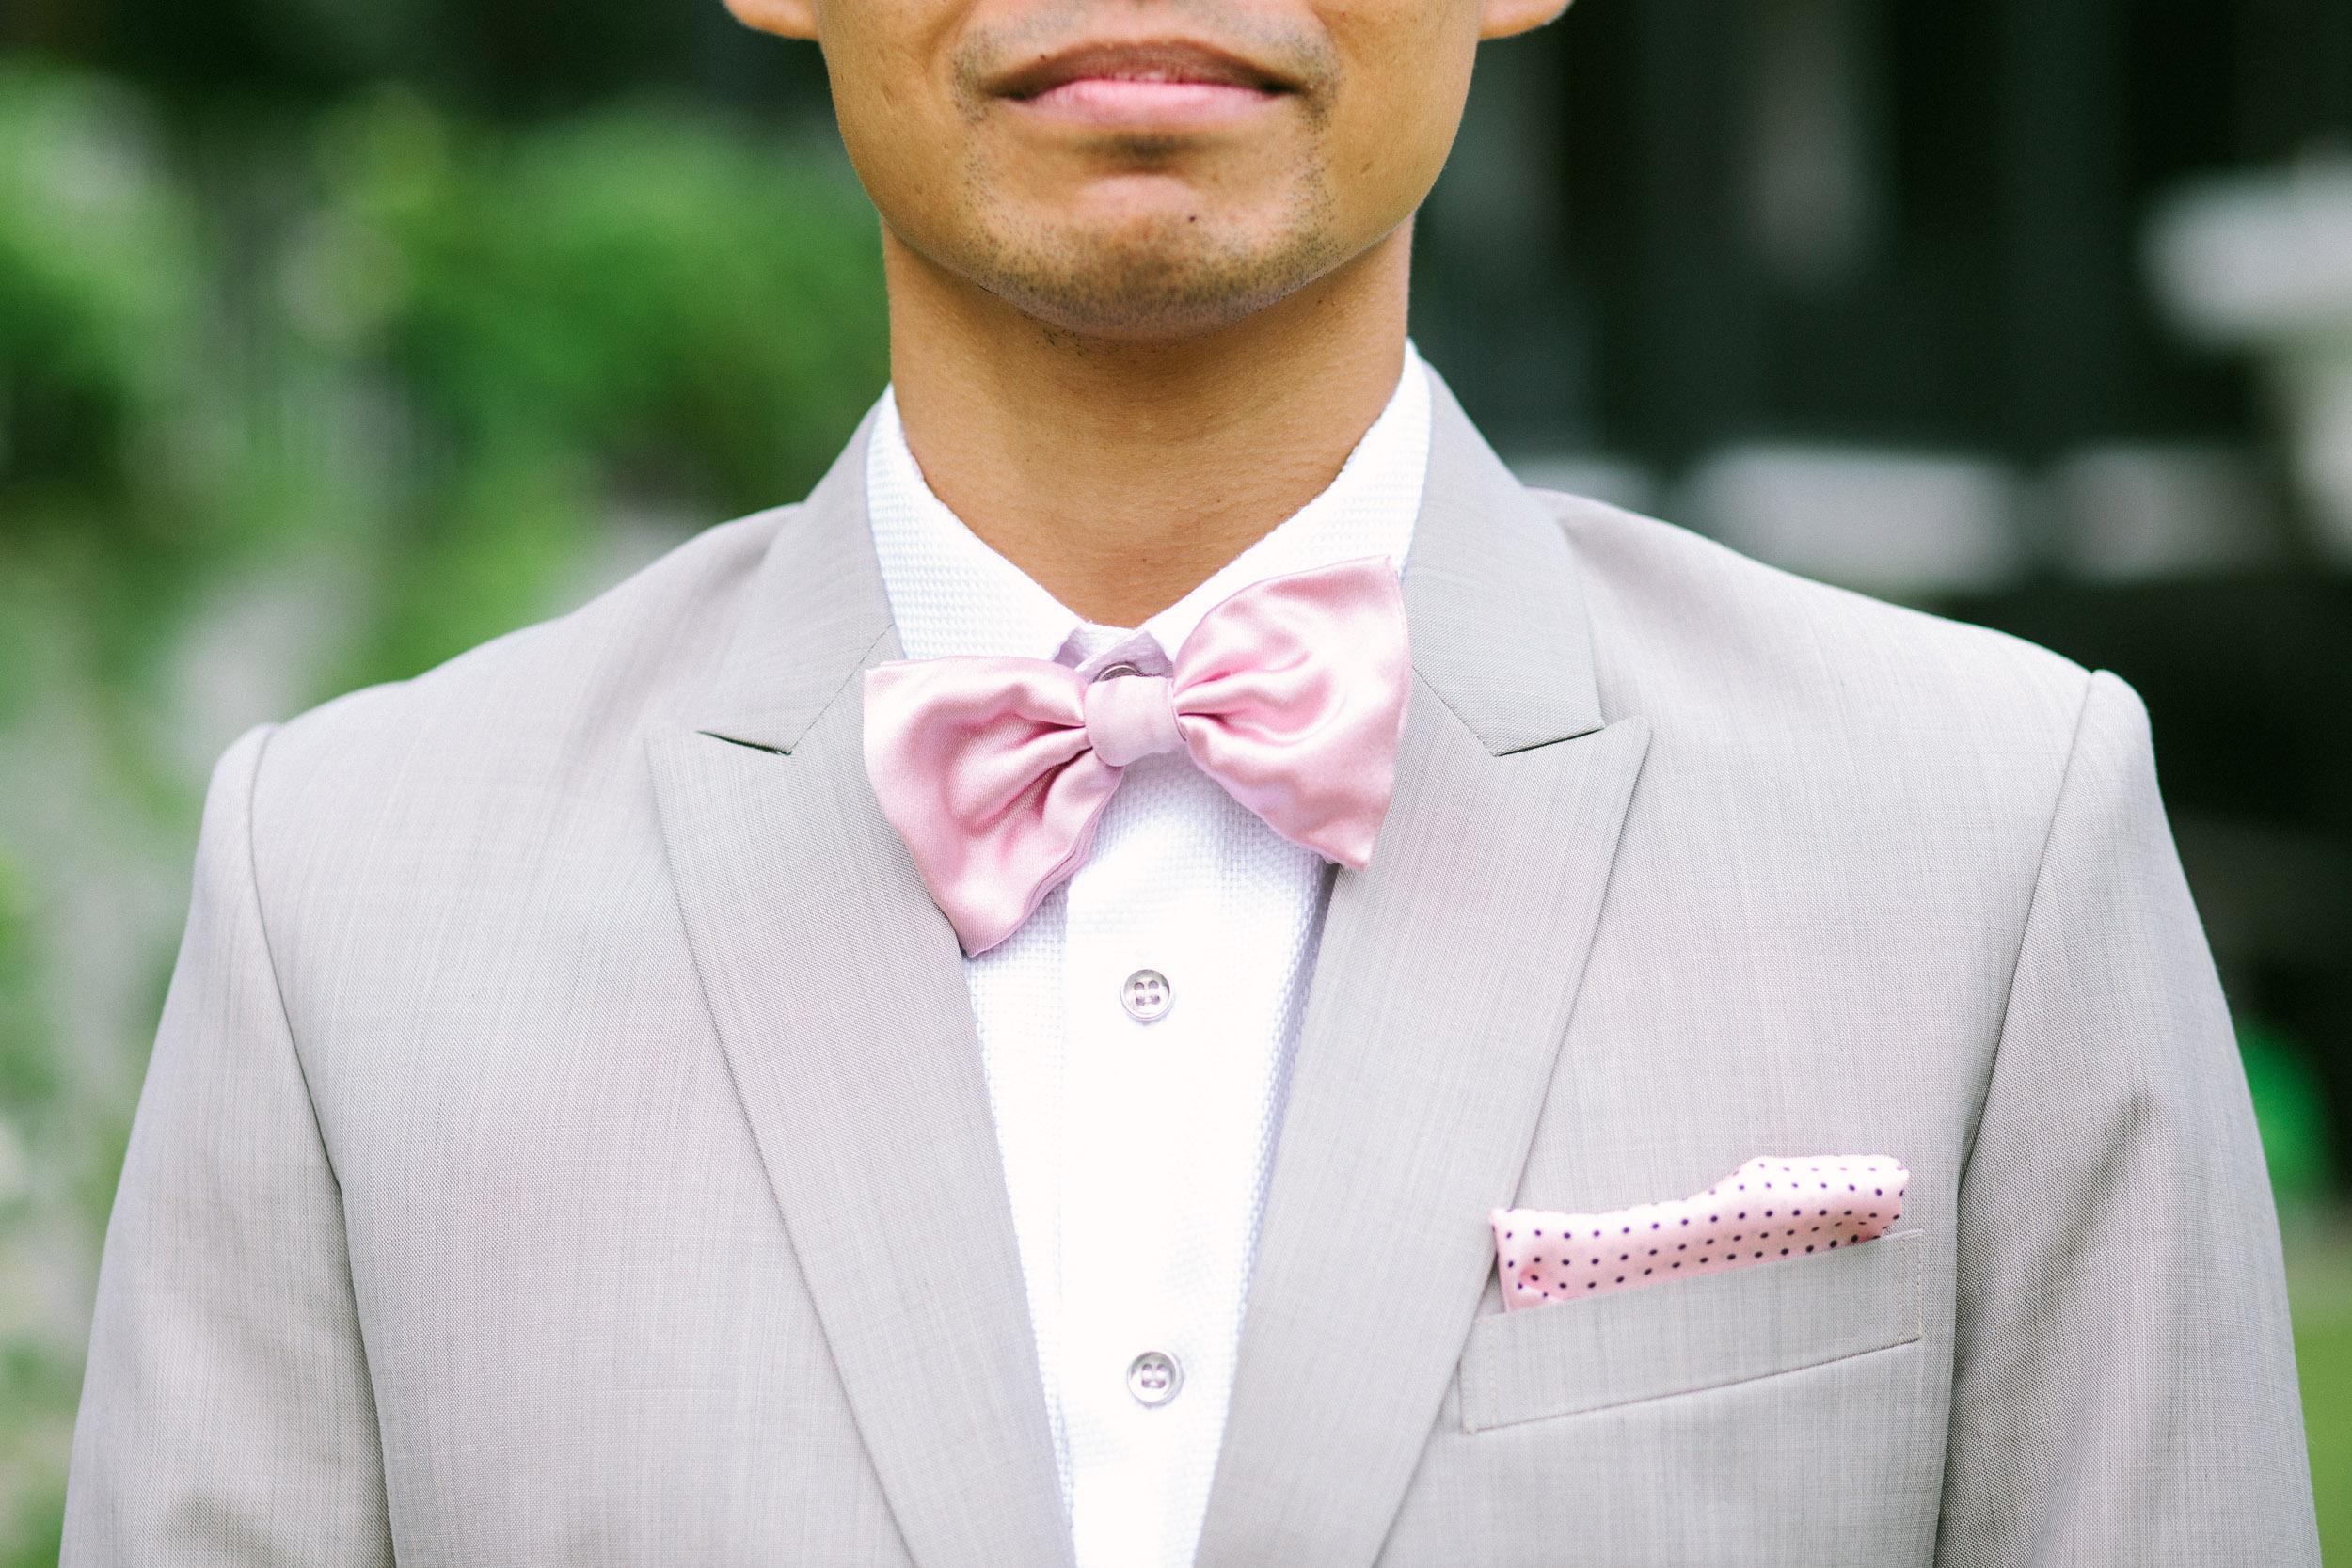 singapore-wedding-photographer-wemadethese-adib-mizah-wedding--043.jpg